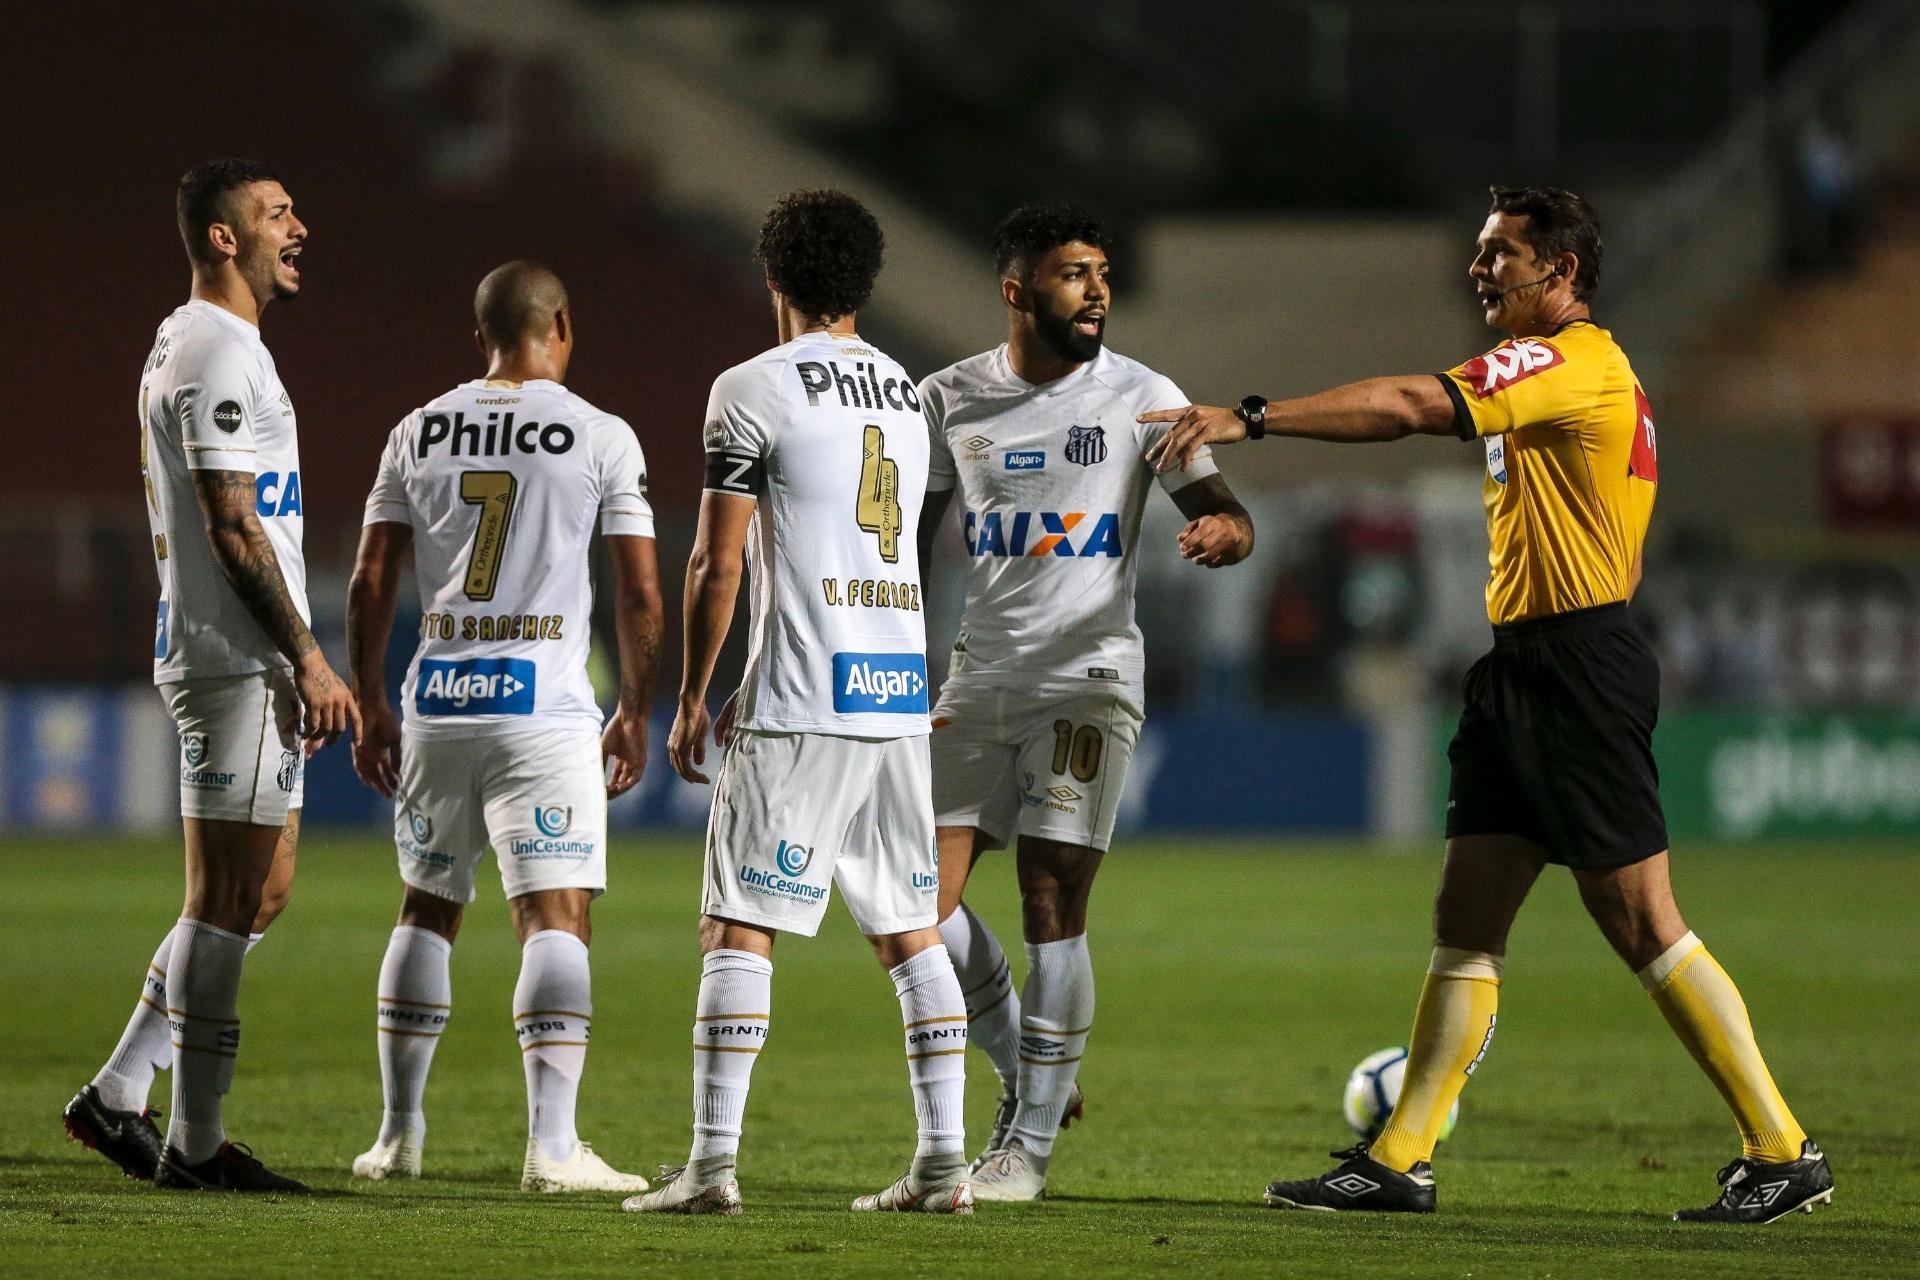 Santos recua e cede empate ao Vasco em jogo atrasado no Pacaembu -  27 09 2018 - UOL Esporte 1f2cfbff8d5e6